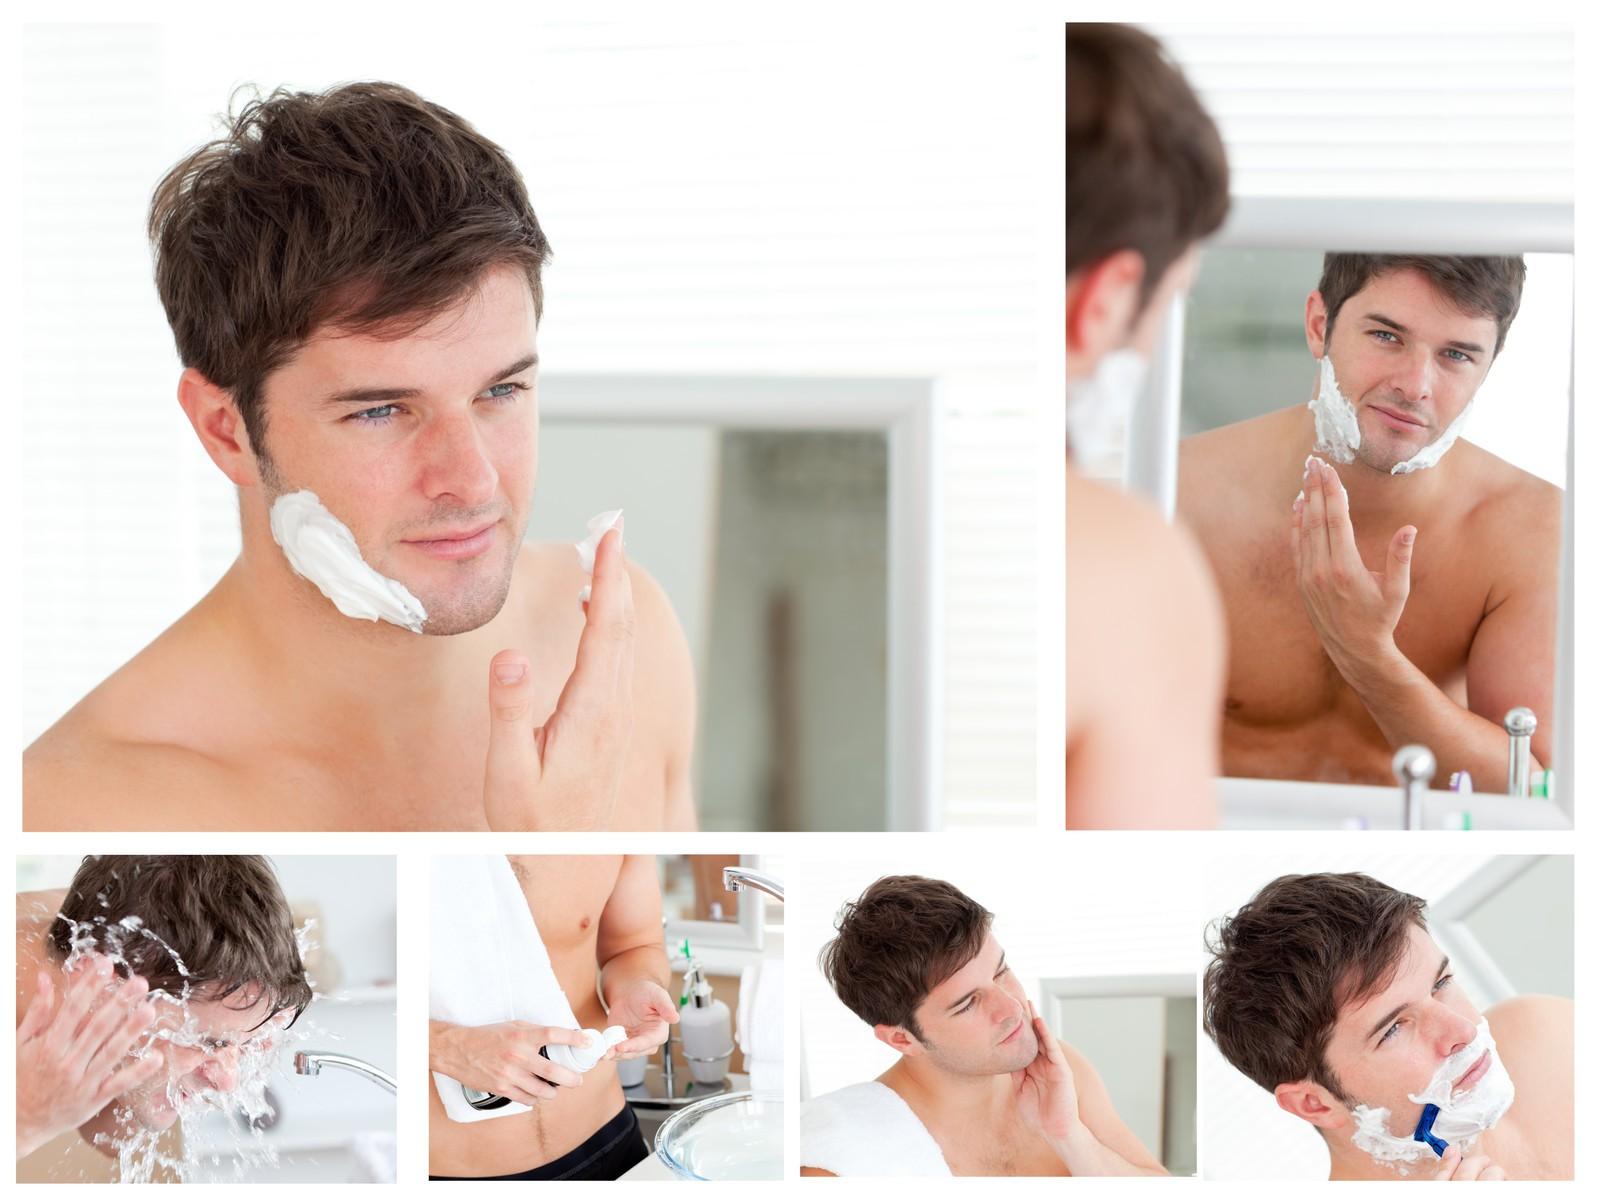 Shaving_Schick